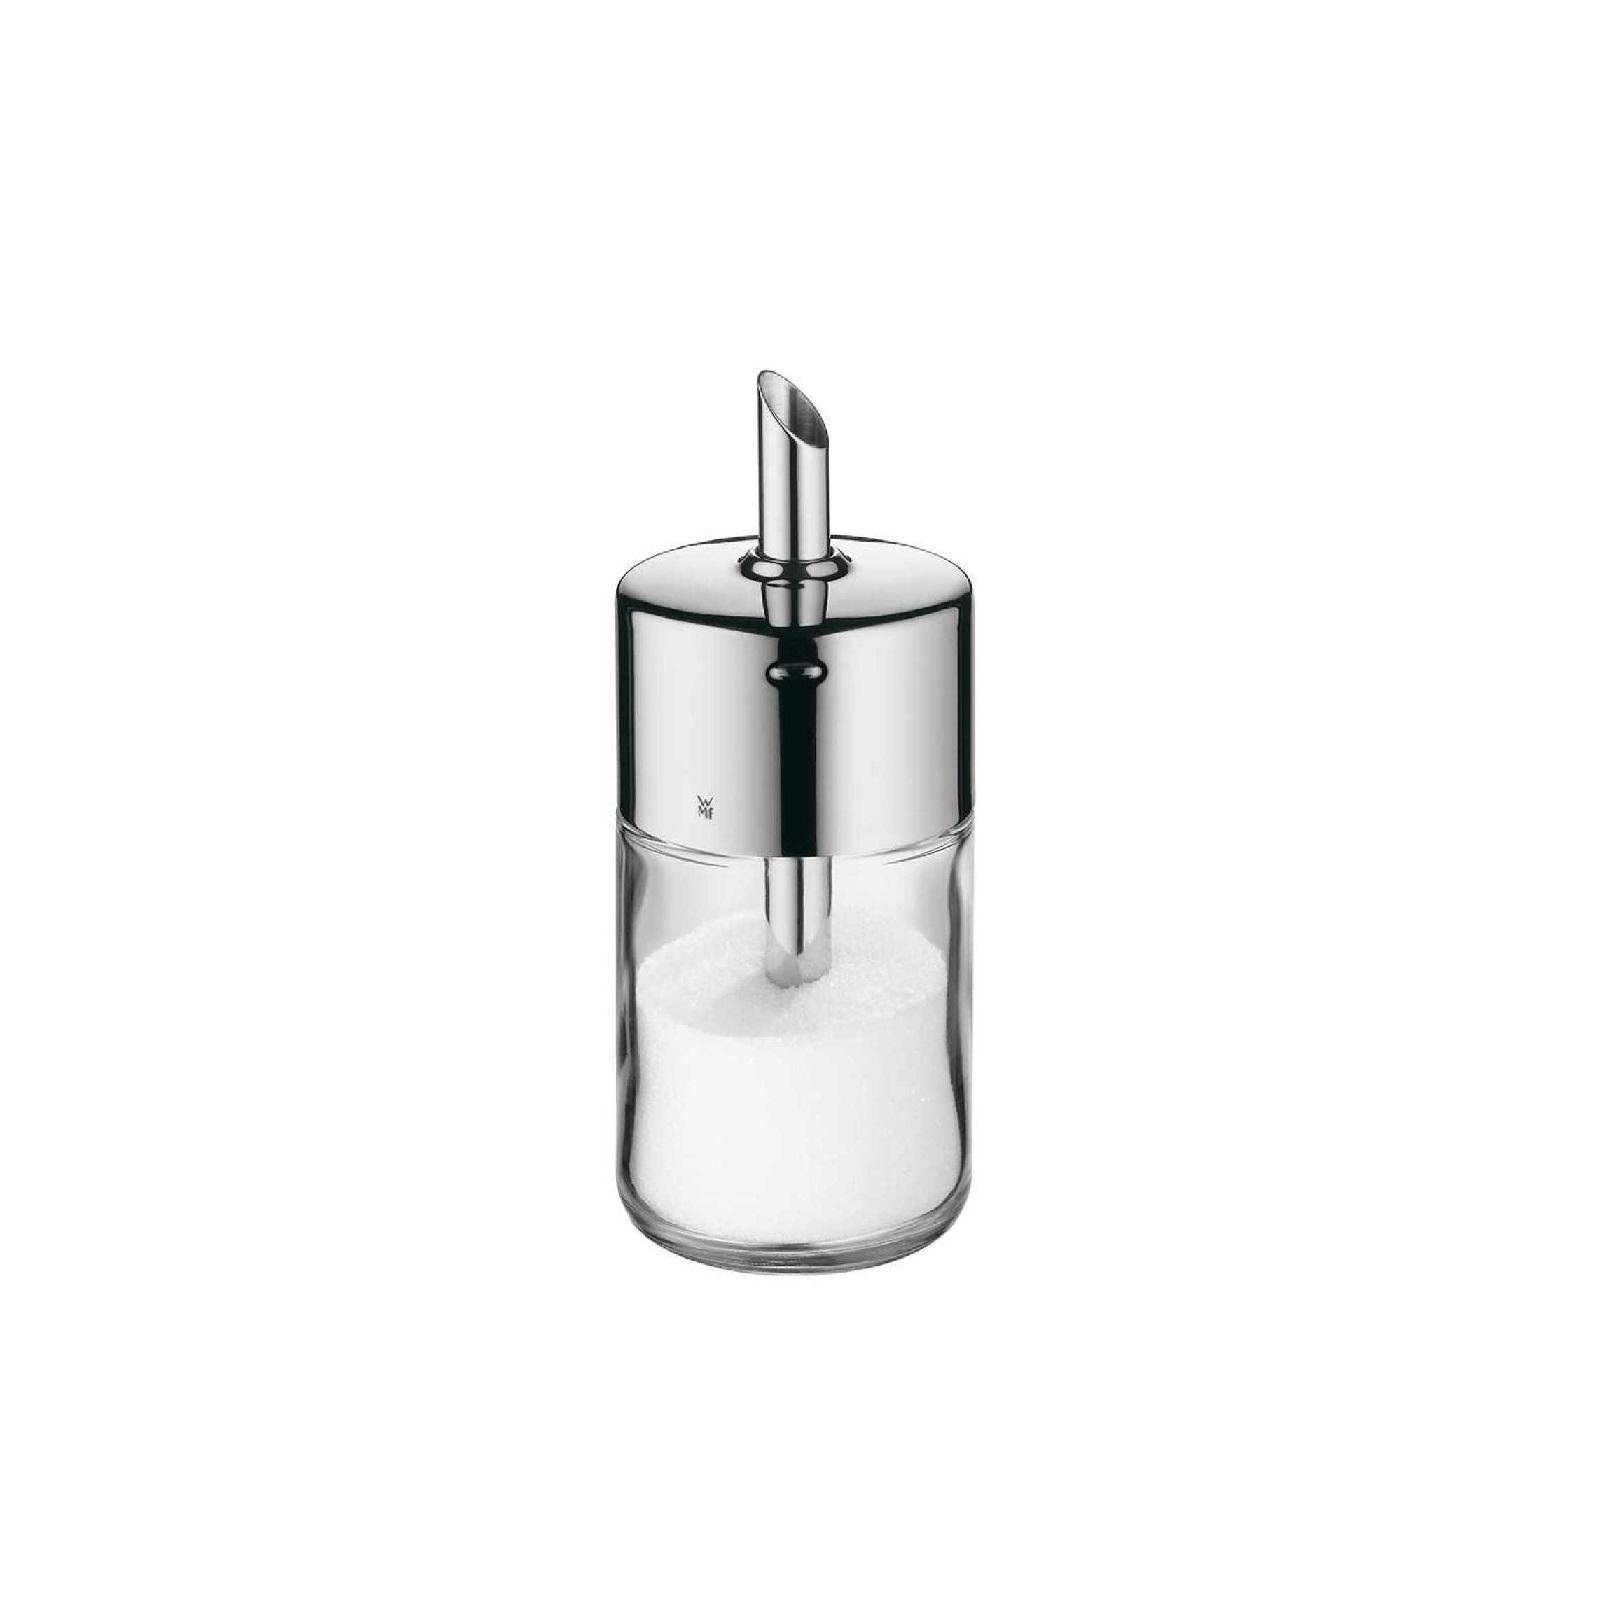 Сахарница WMF Barista, объем 0,24 л, высота 15 см, диаметр 6,6 см, прозрачный WMF 06 3661 6040 фото 1